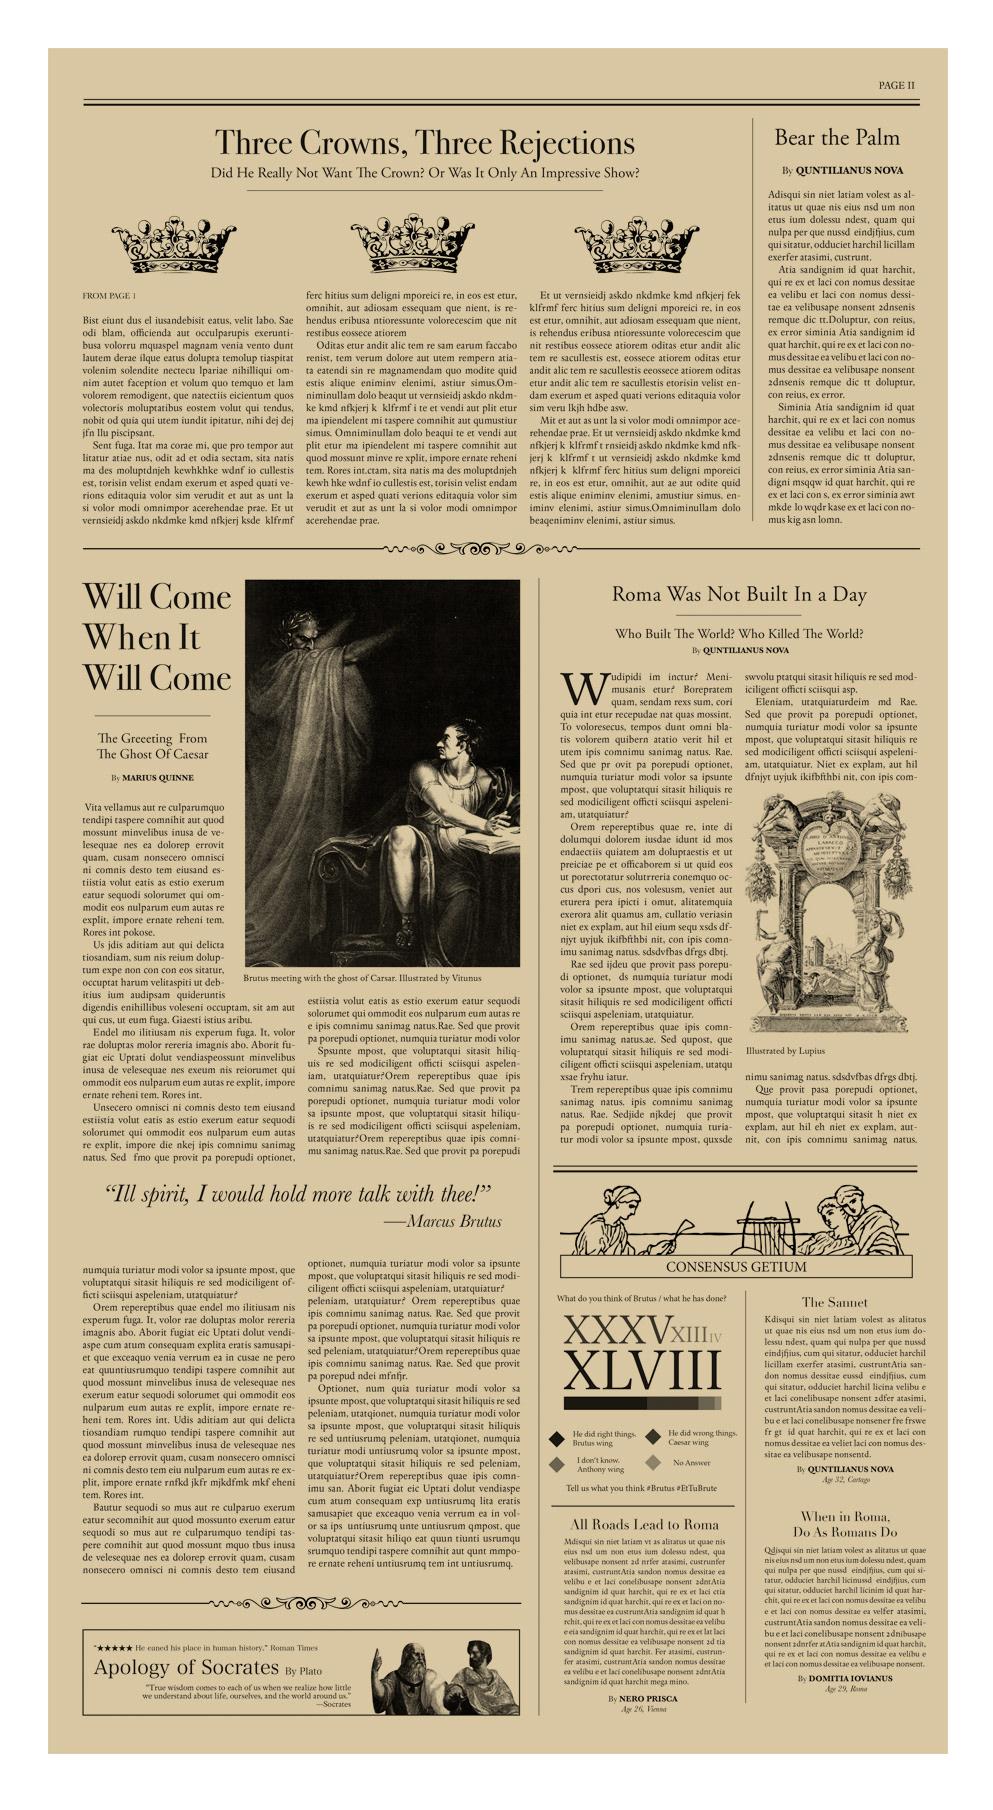 julius caesar newspaper article